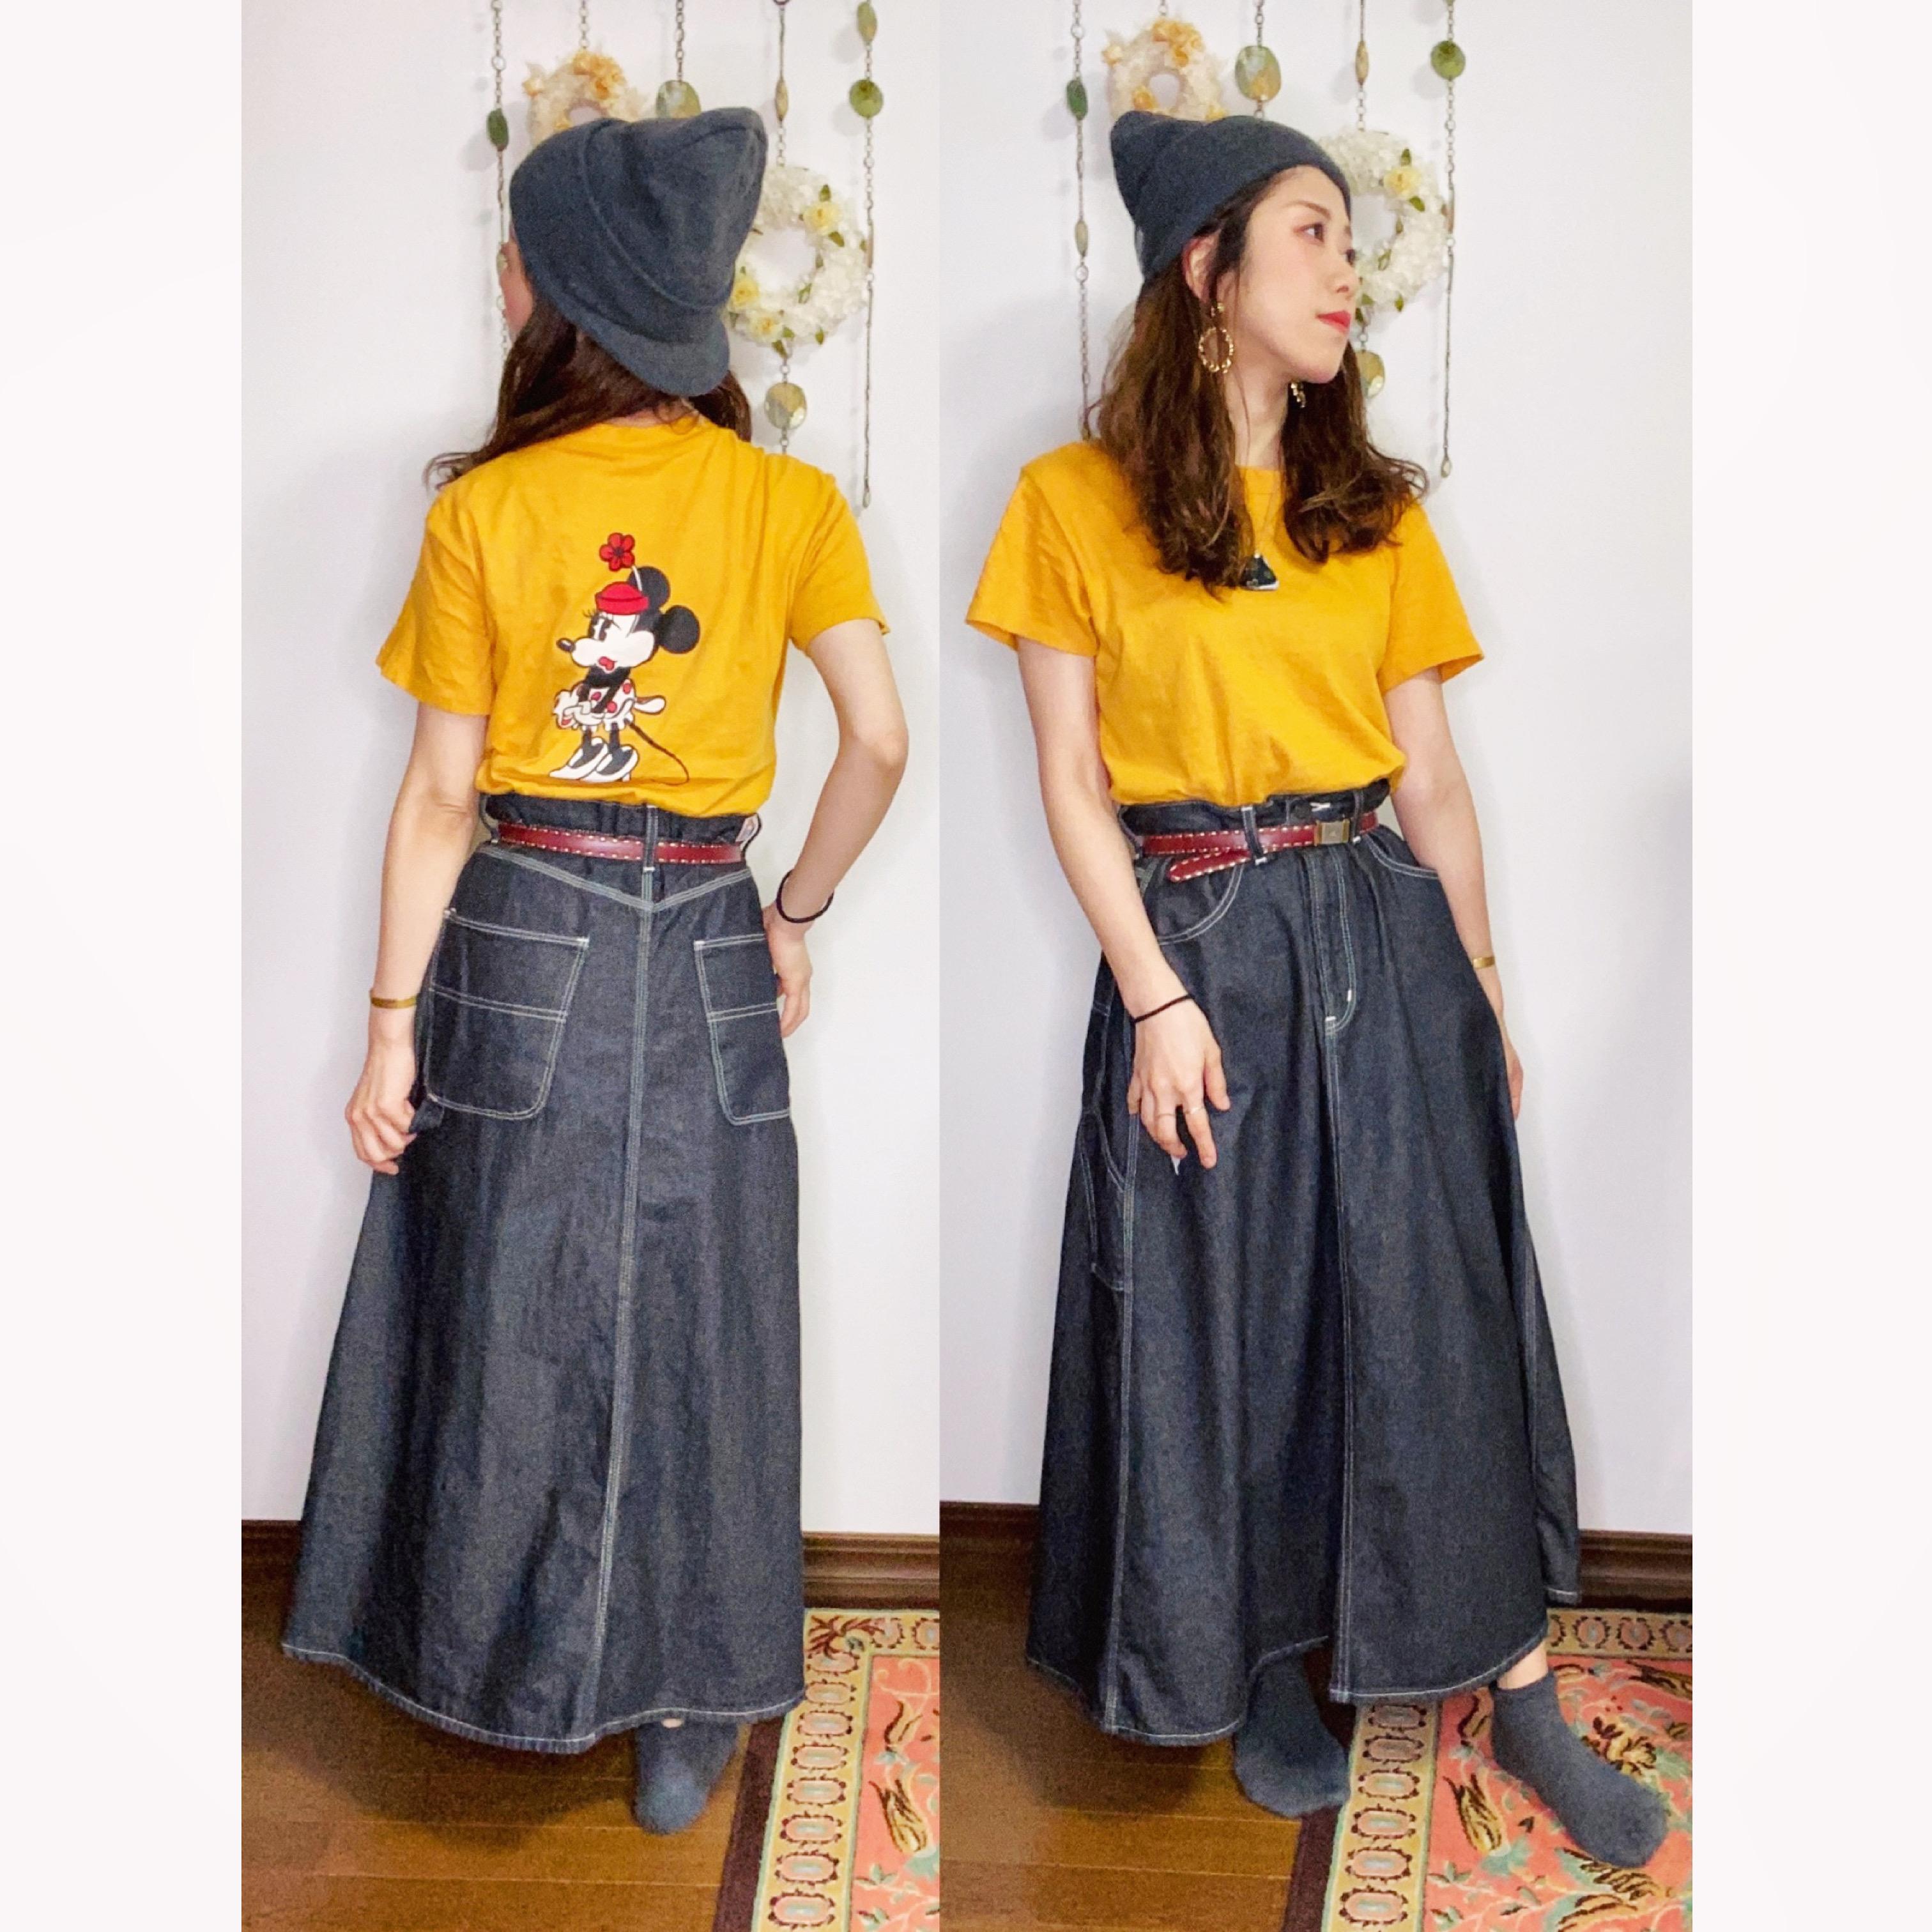 【オンナノコの休日ファッション】2020.7.20【うたうゆきこ】_1